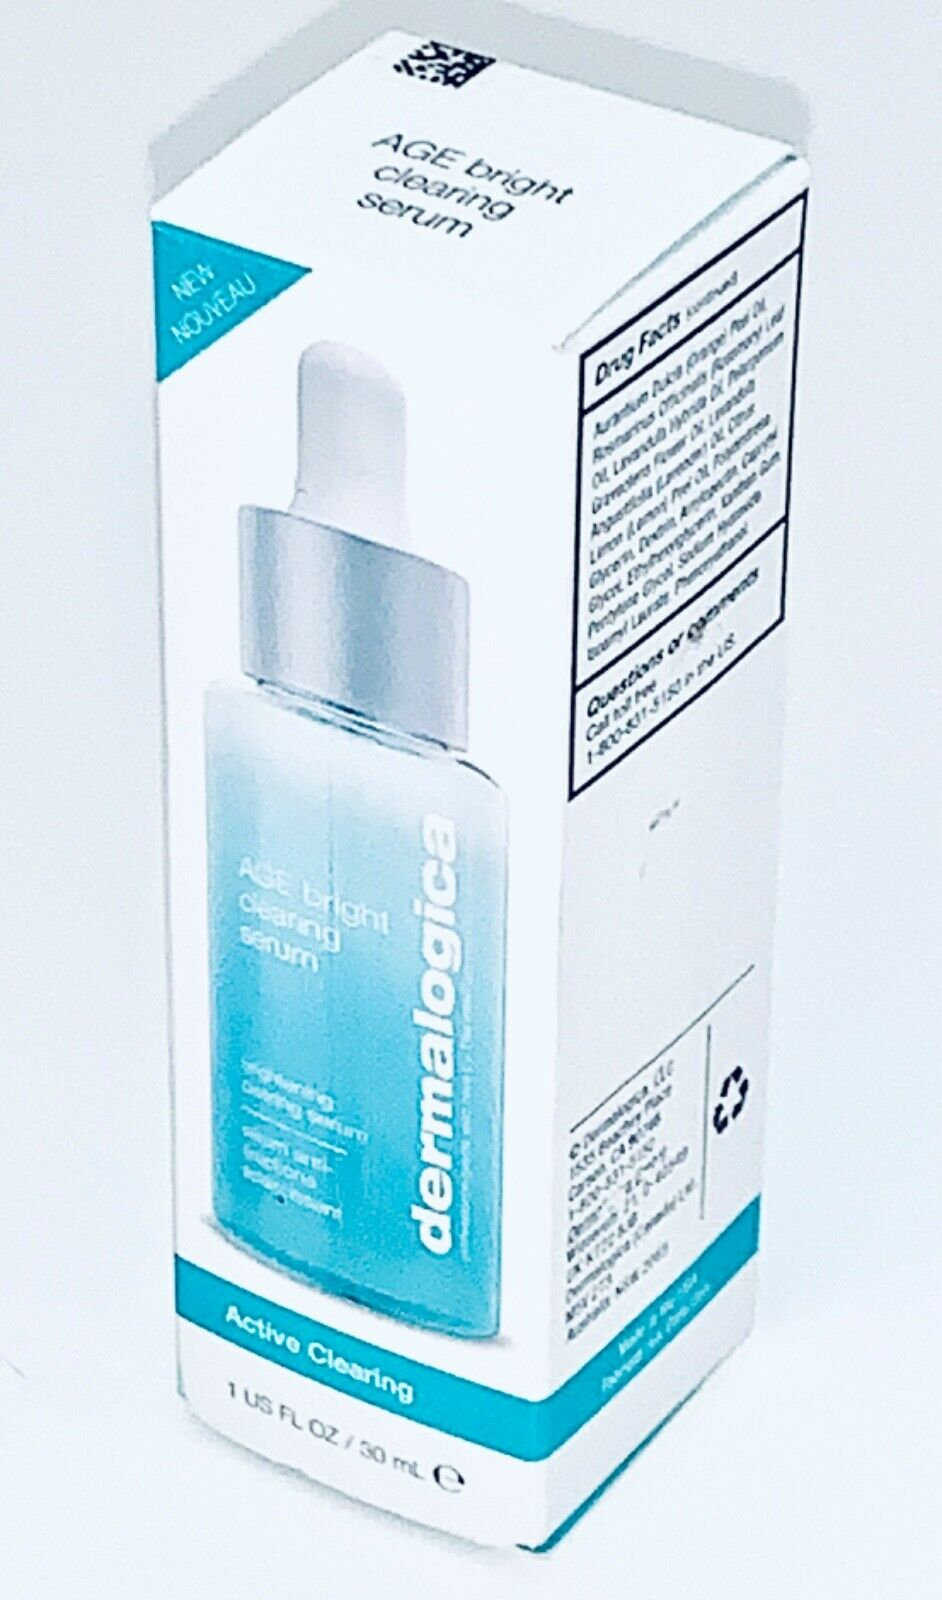 Dermalogica Age Bright Clearing Serum 1oz•SALICYLIC ACID~A